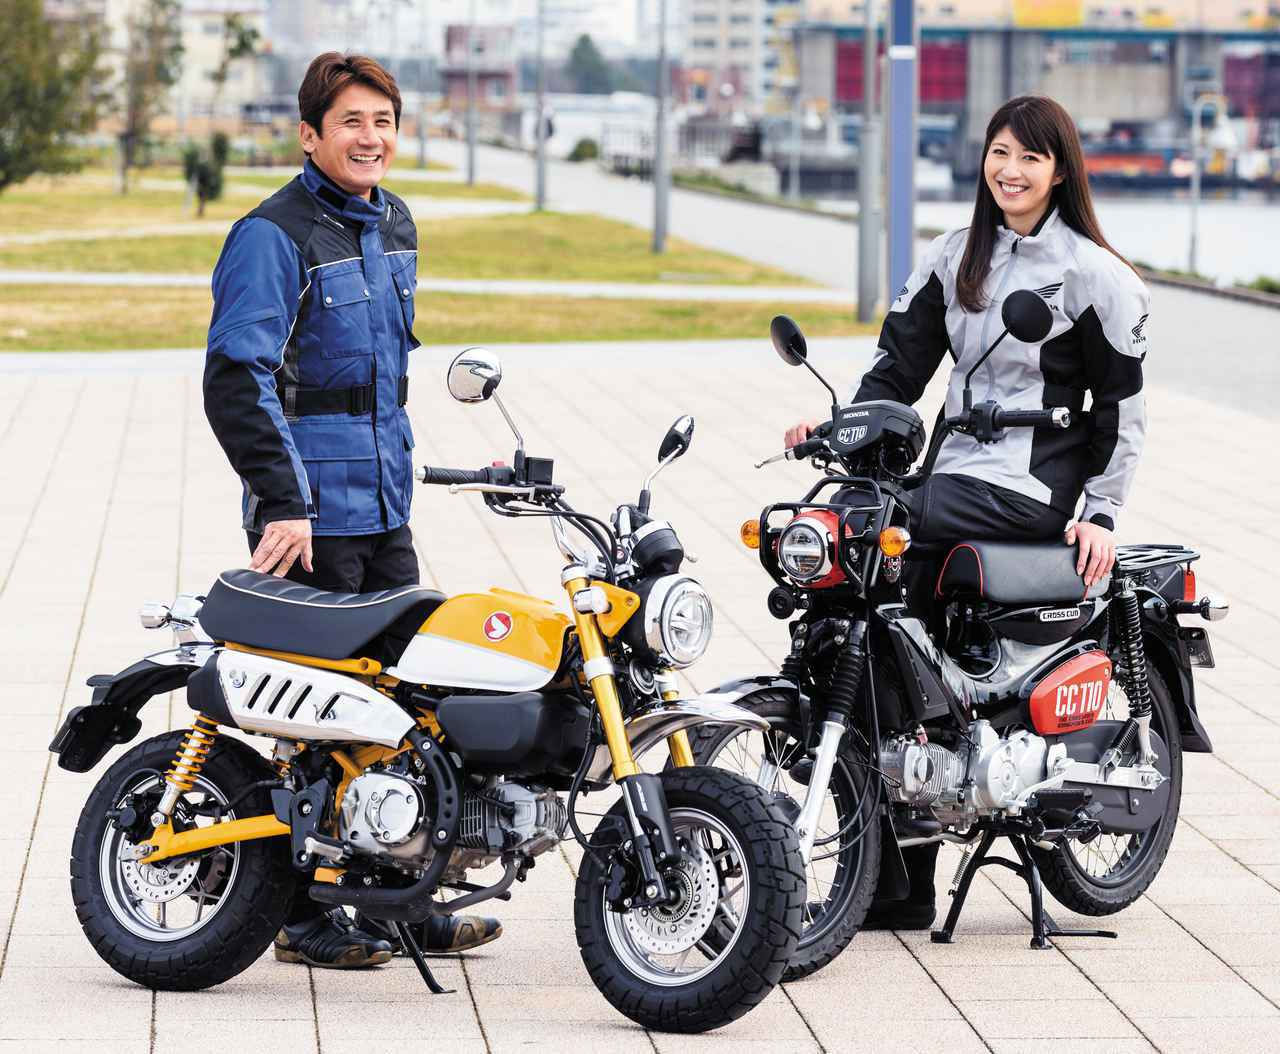 画像: ホンダ「クロスカブ110」「モンキー125」を乗り比べ!【伊藤真一のロングラン研究所】 - webオートバイ